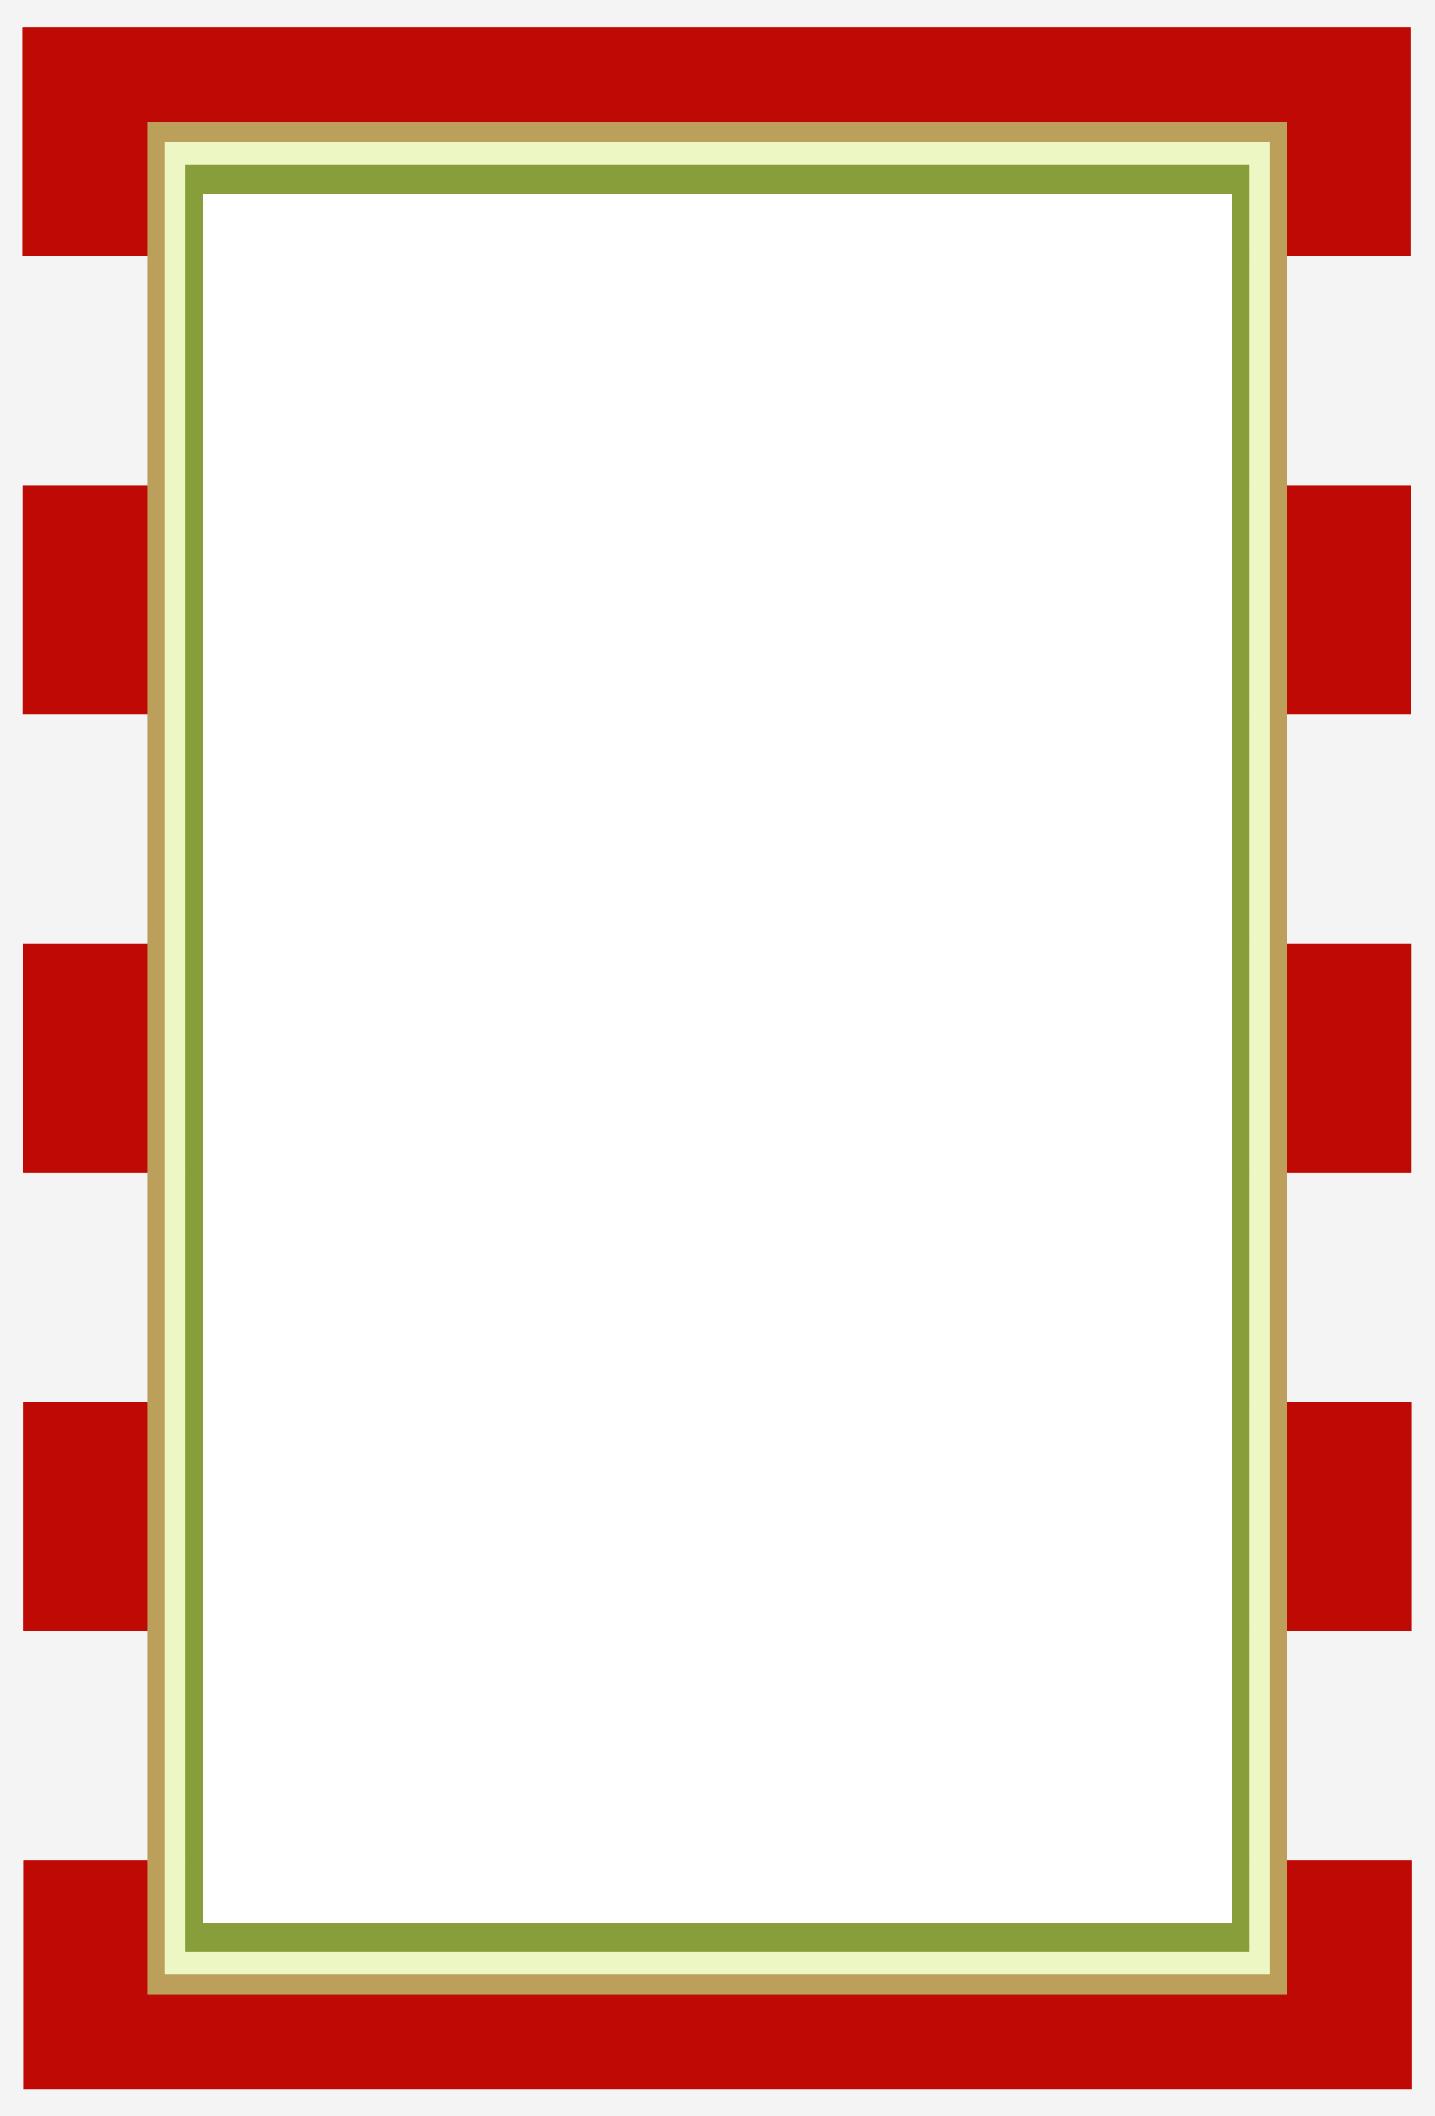 Legos clipart frame. Red white frames or